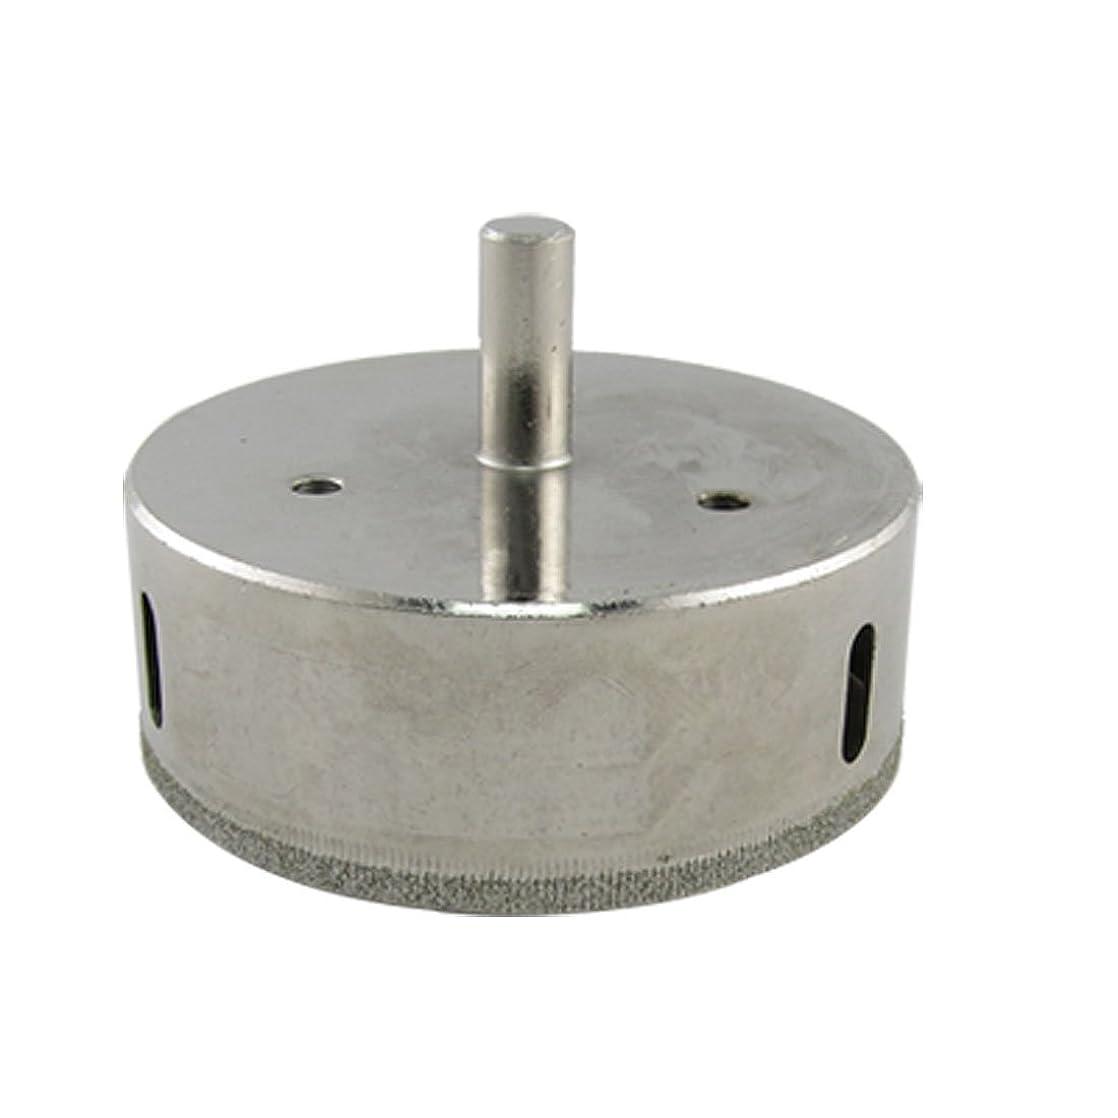 退却排出共和党uxcell コアビット ダイヤモンド 85mm の穴 ガラス 陶器 カッティング